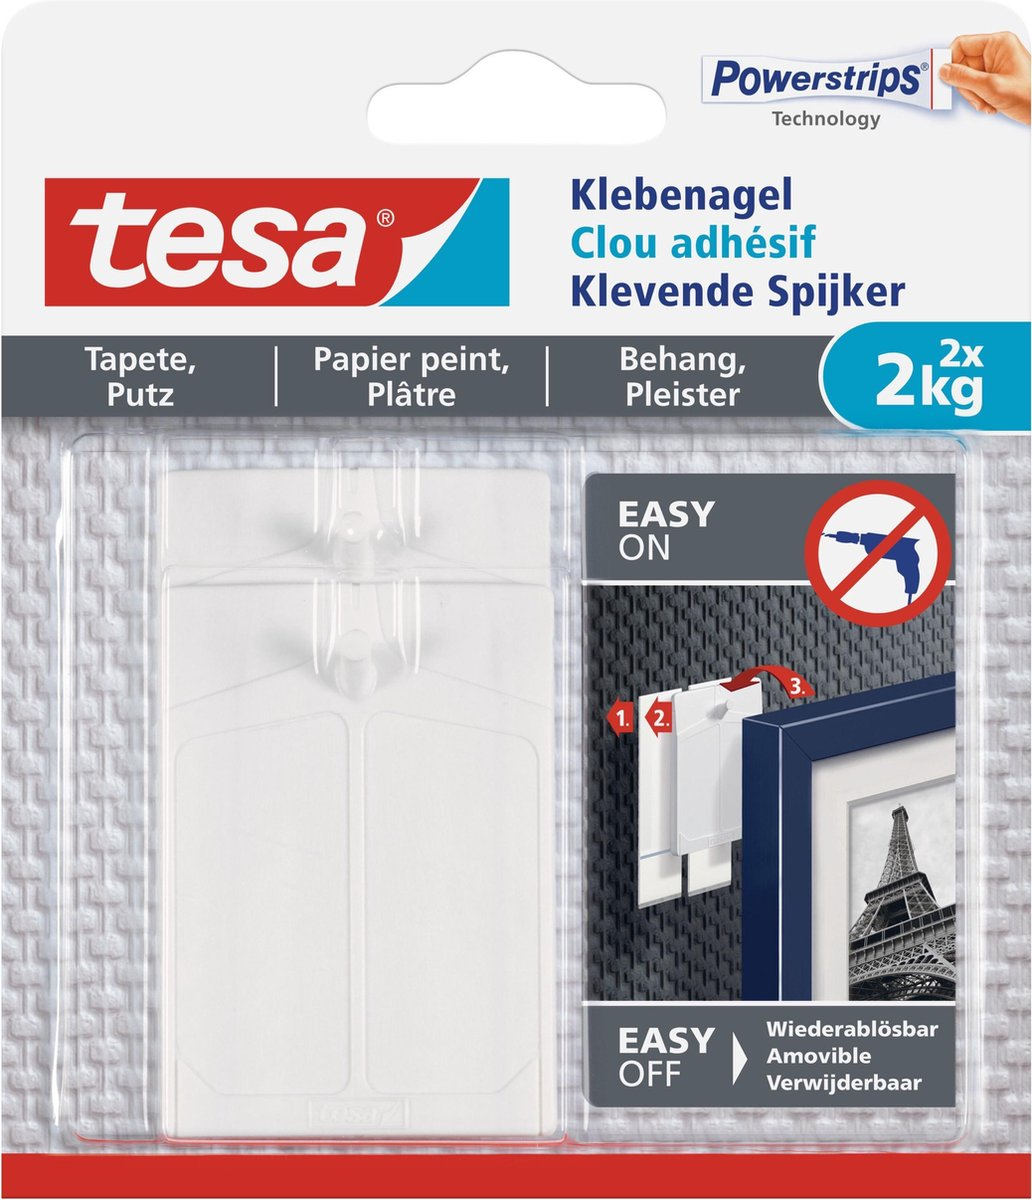 Tesa Klevende Spijker Gevoelige Oppervlakken 2KG - 2 stuks